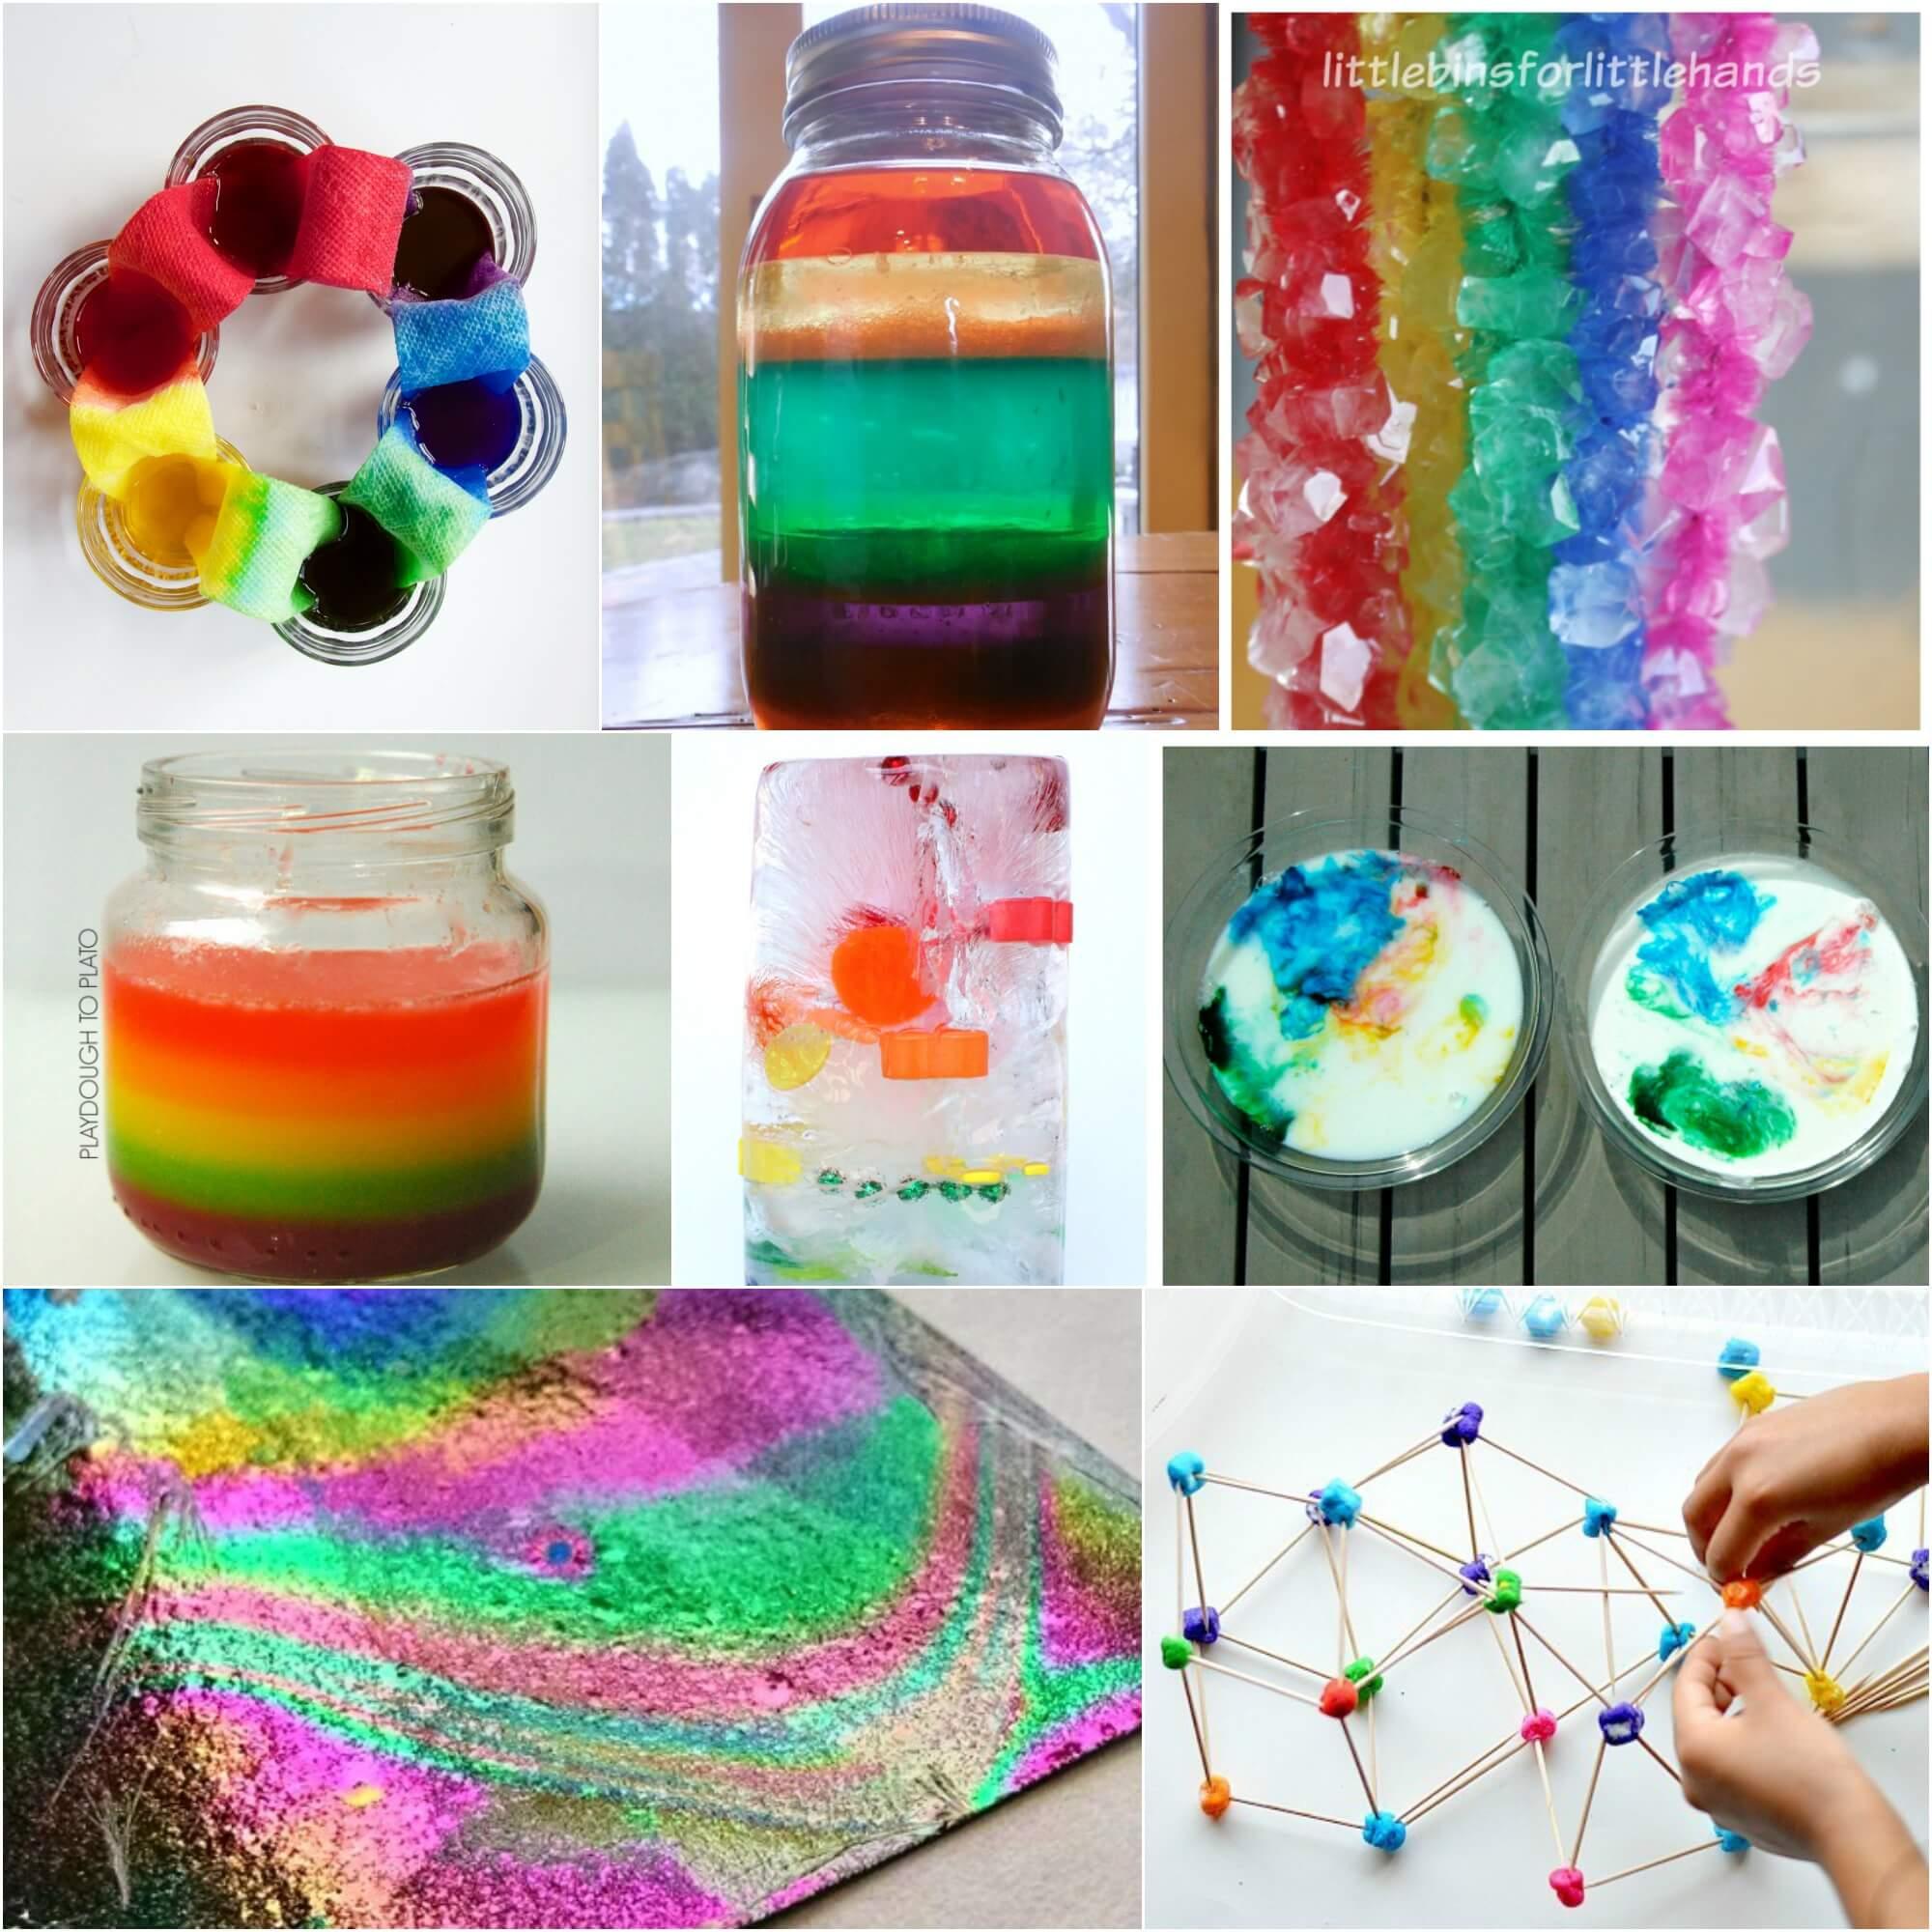 25 Rainbow Activities For Kids